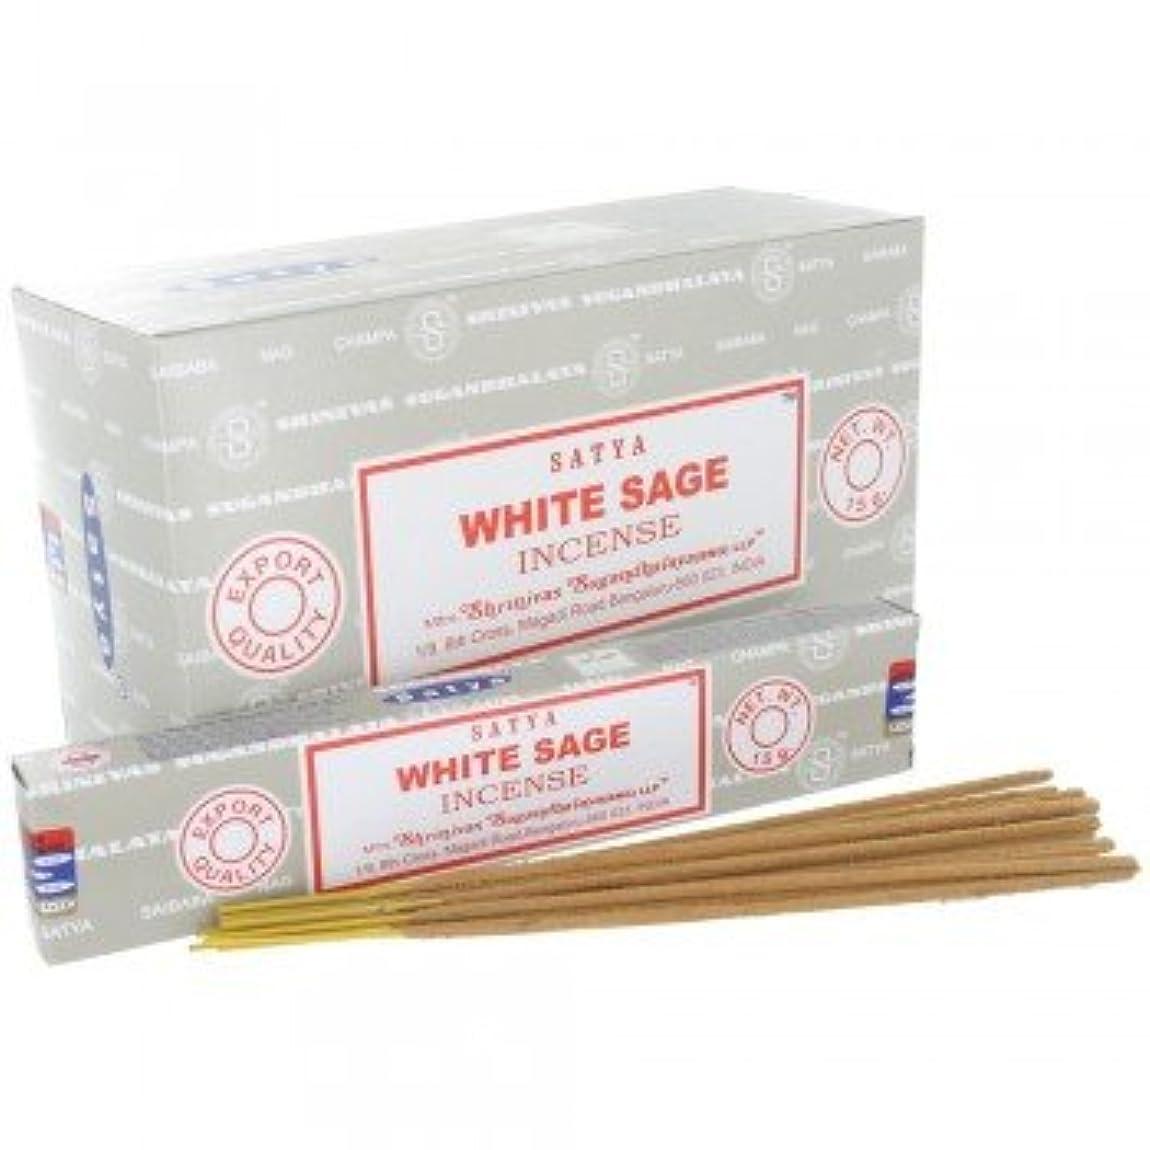 サーバント振る舞う肉腫SATYA WHITE SAGE ホワイトセージ 聖なる樹 浄化 お香 スティック 約15g入 (1箱(12個入)) [並行輸入品]